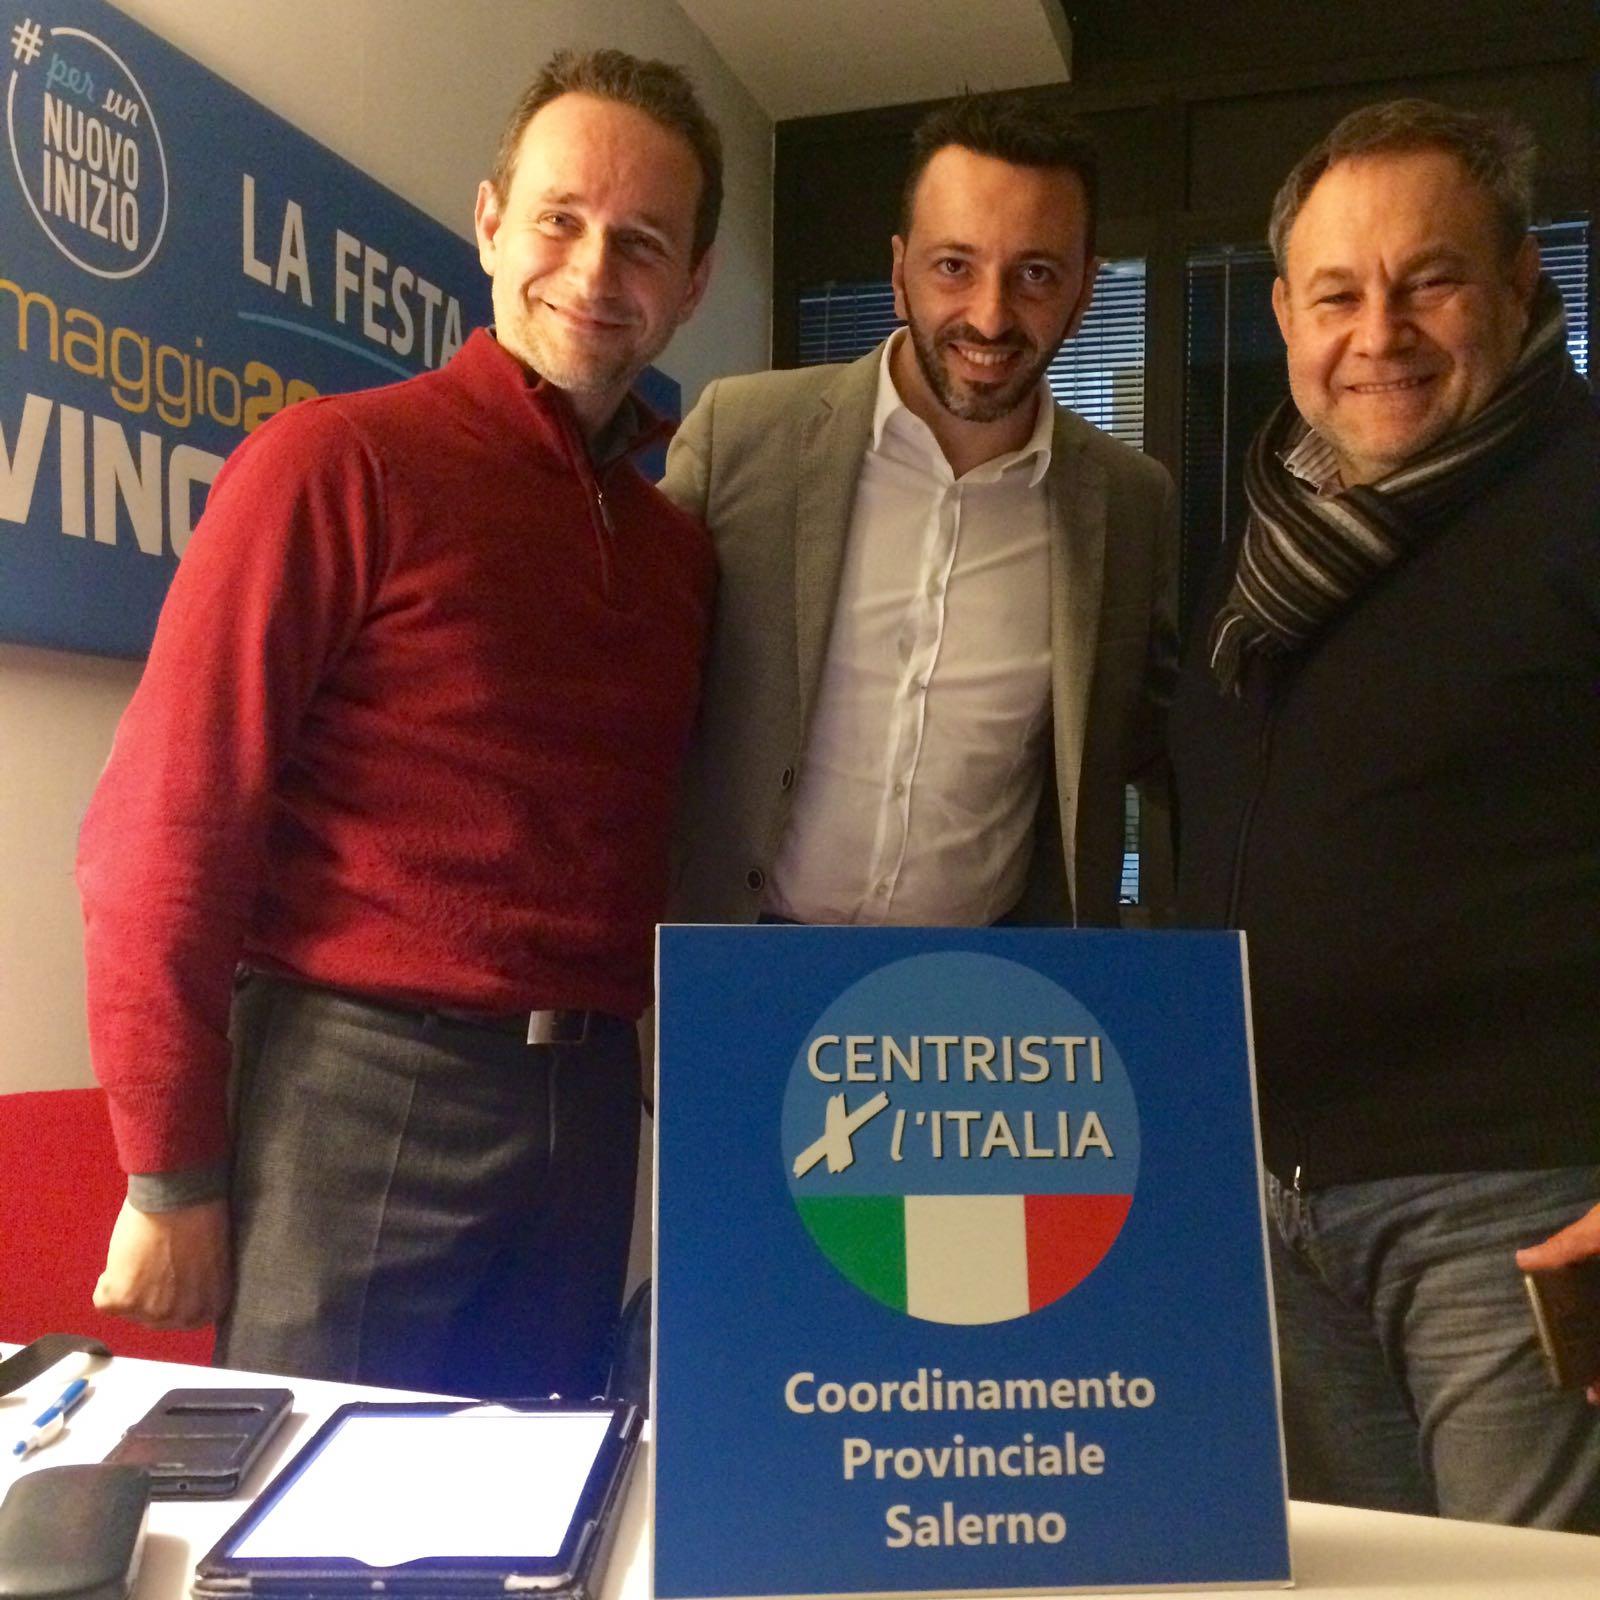 Centristi per l'Italia Battipaglia